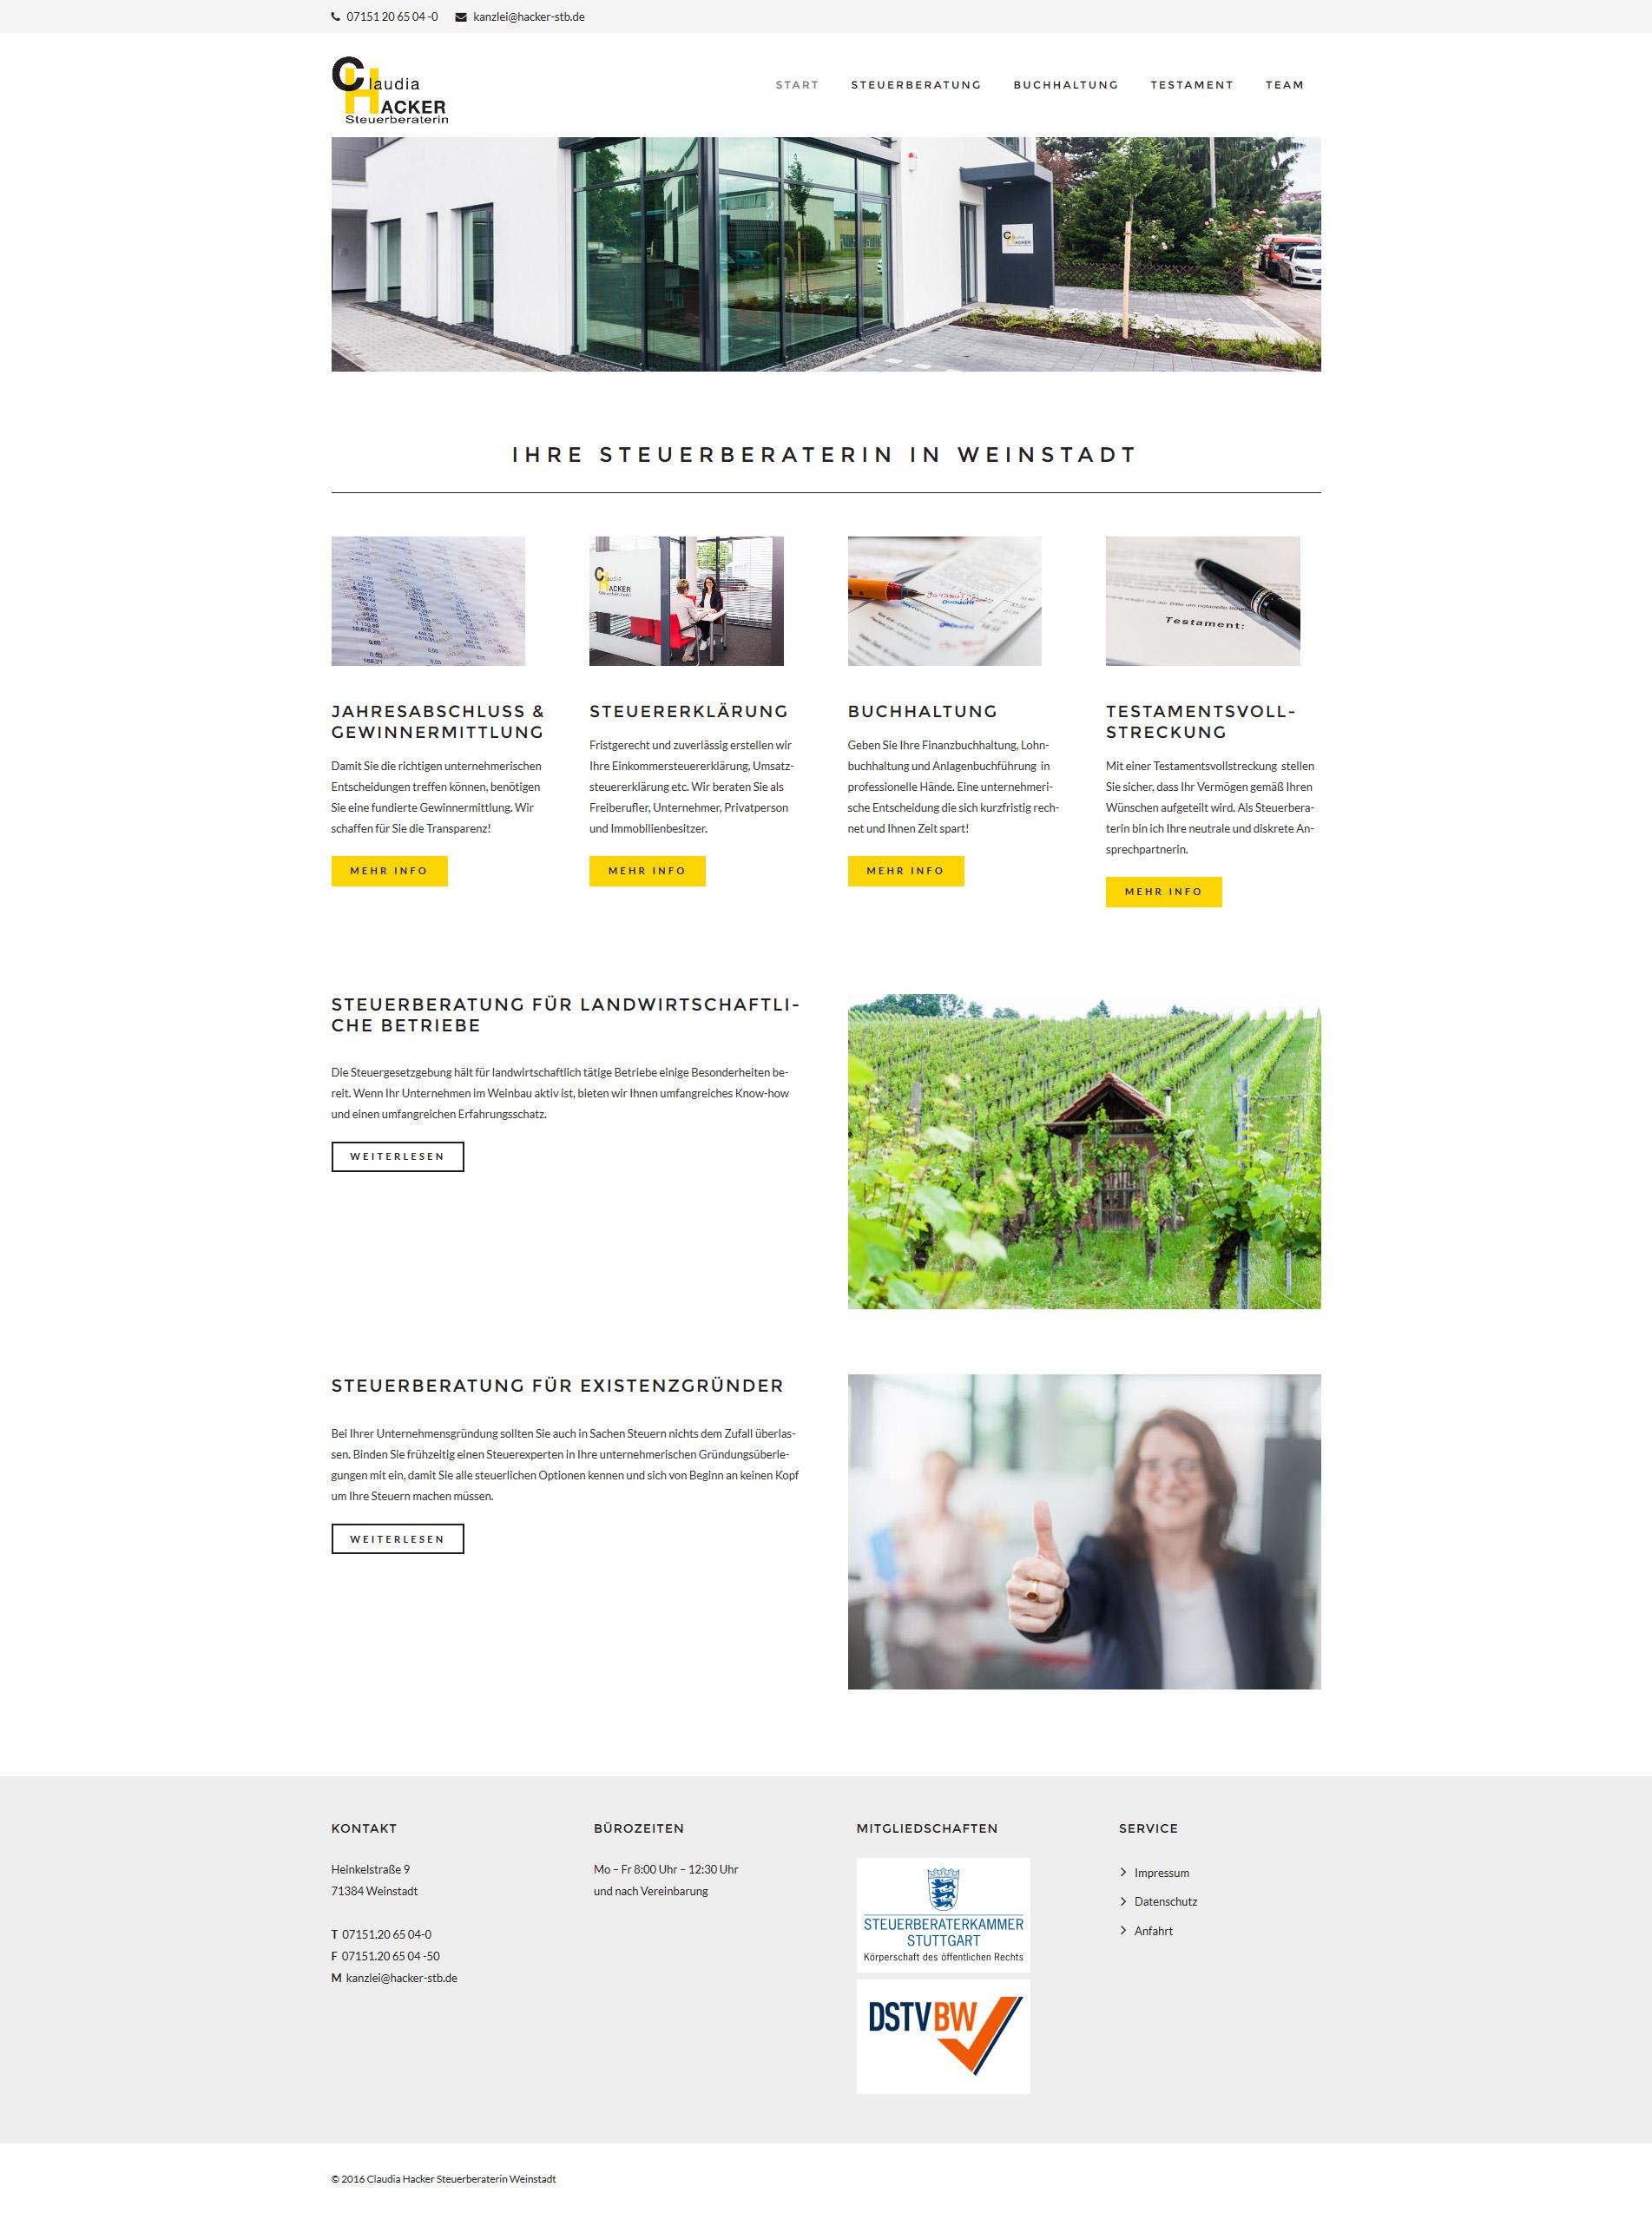 Webdesign Stuttgart Steuerberatung